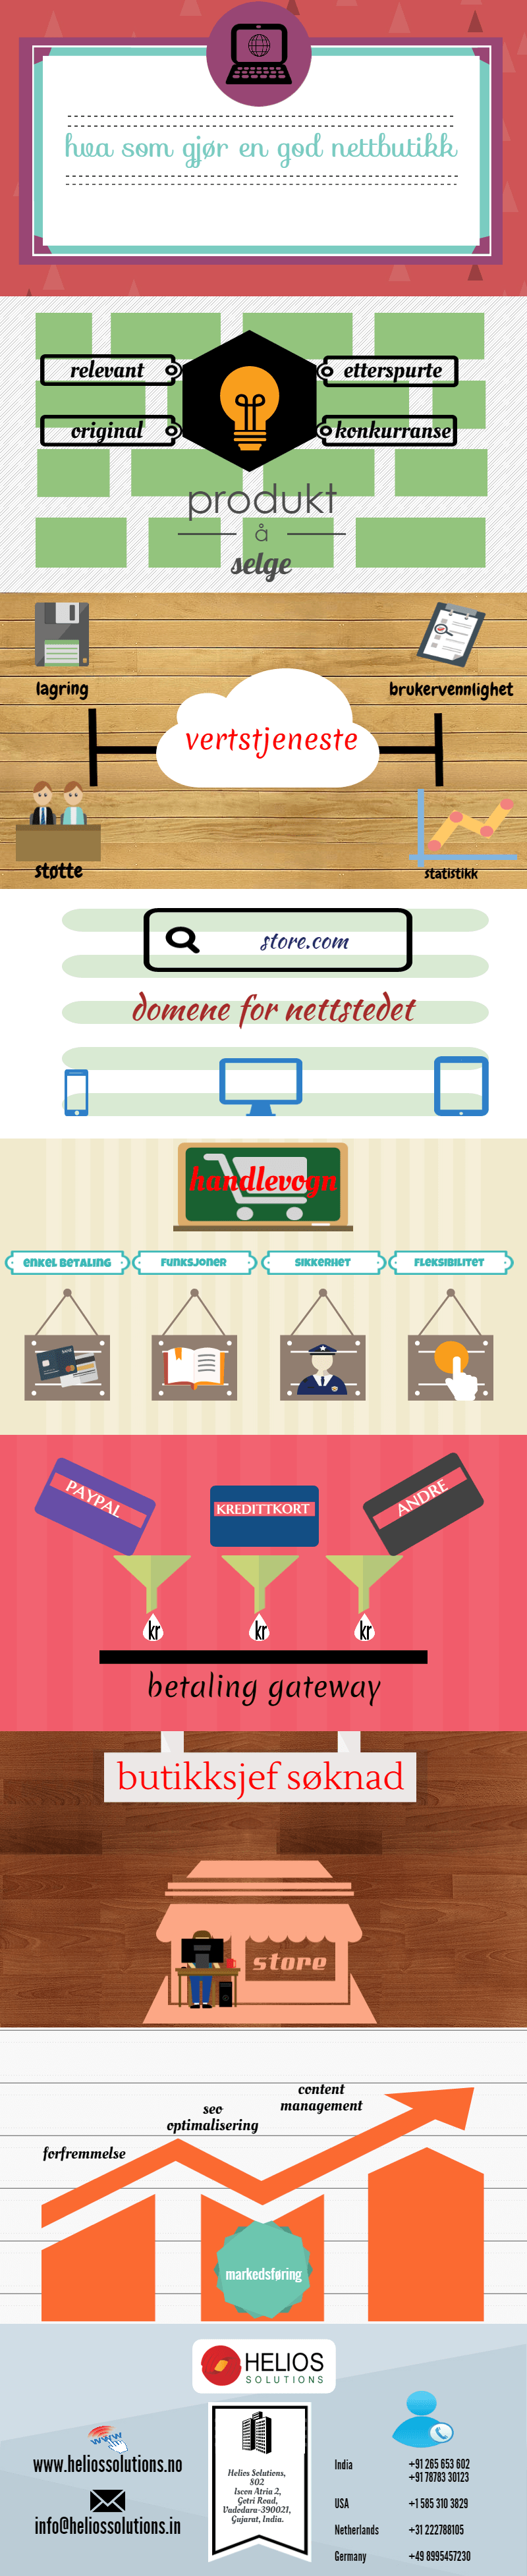 E Commerce Utvikling